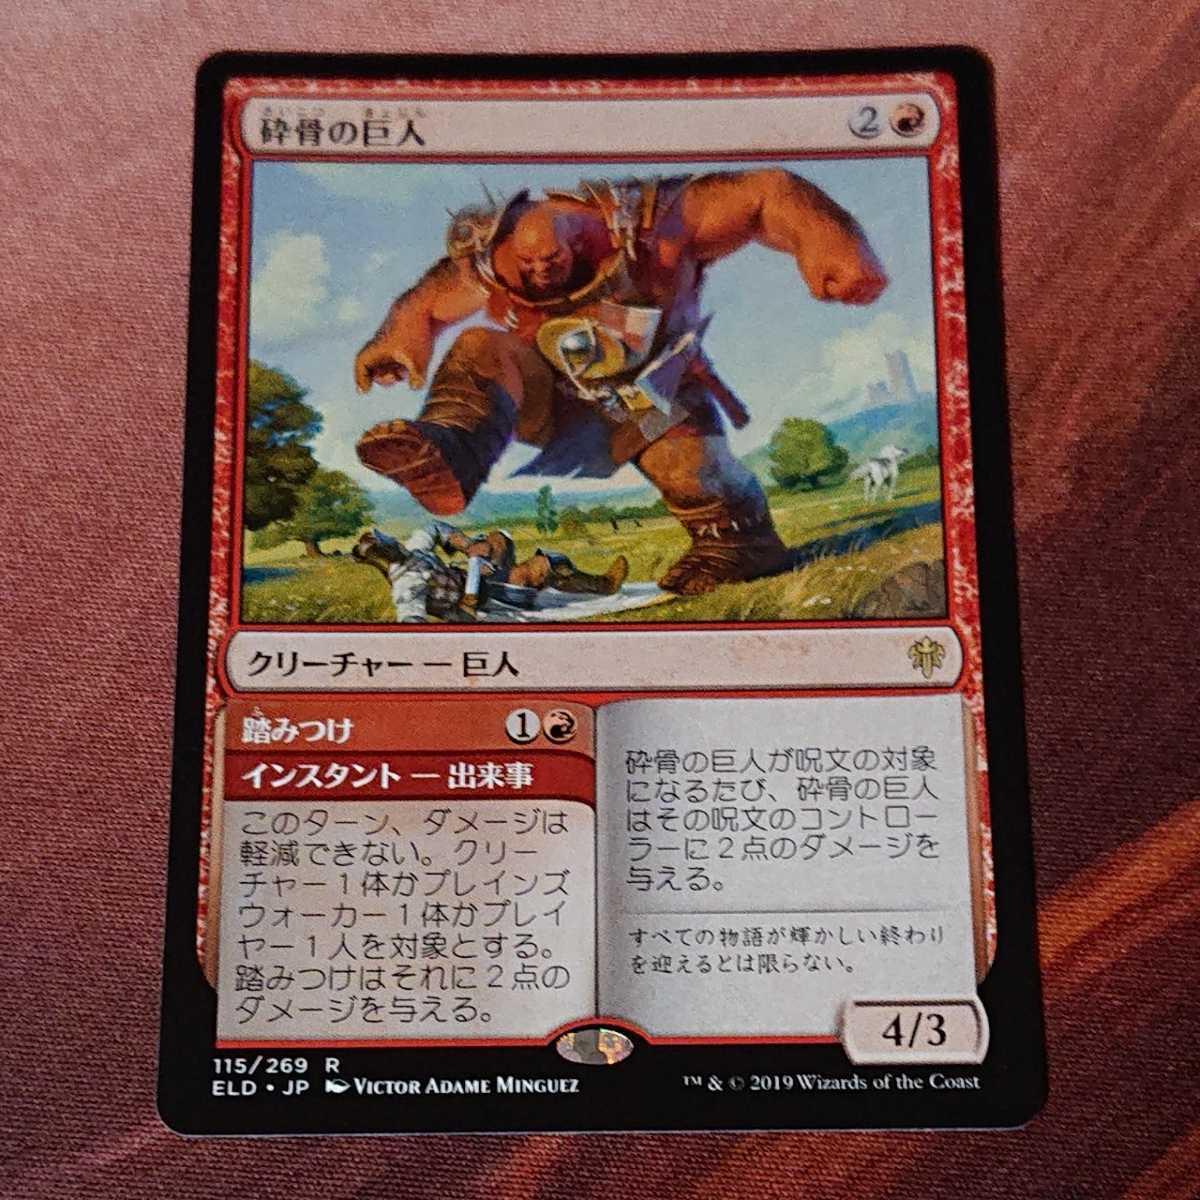 砕骨の巨人 Bonecrusher Giant [ELD] 赤R MTG 日本語版_画像1